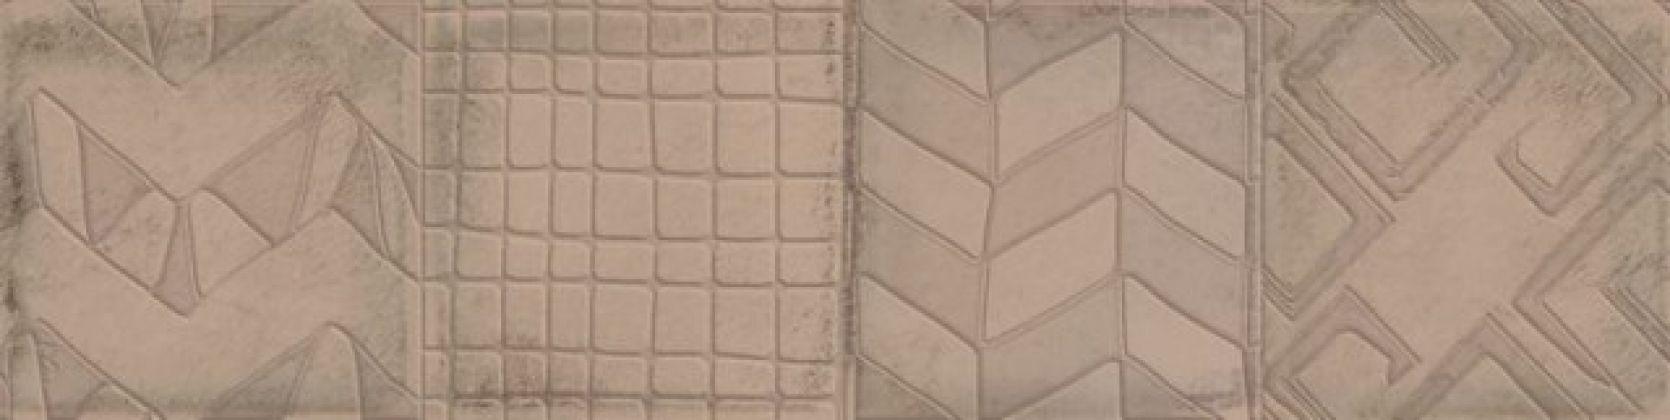 ALCHIMIA Decor Vison 7,5x30